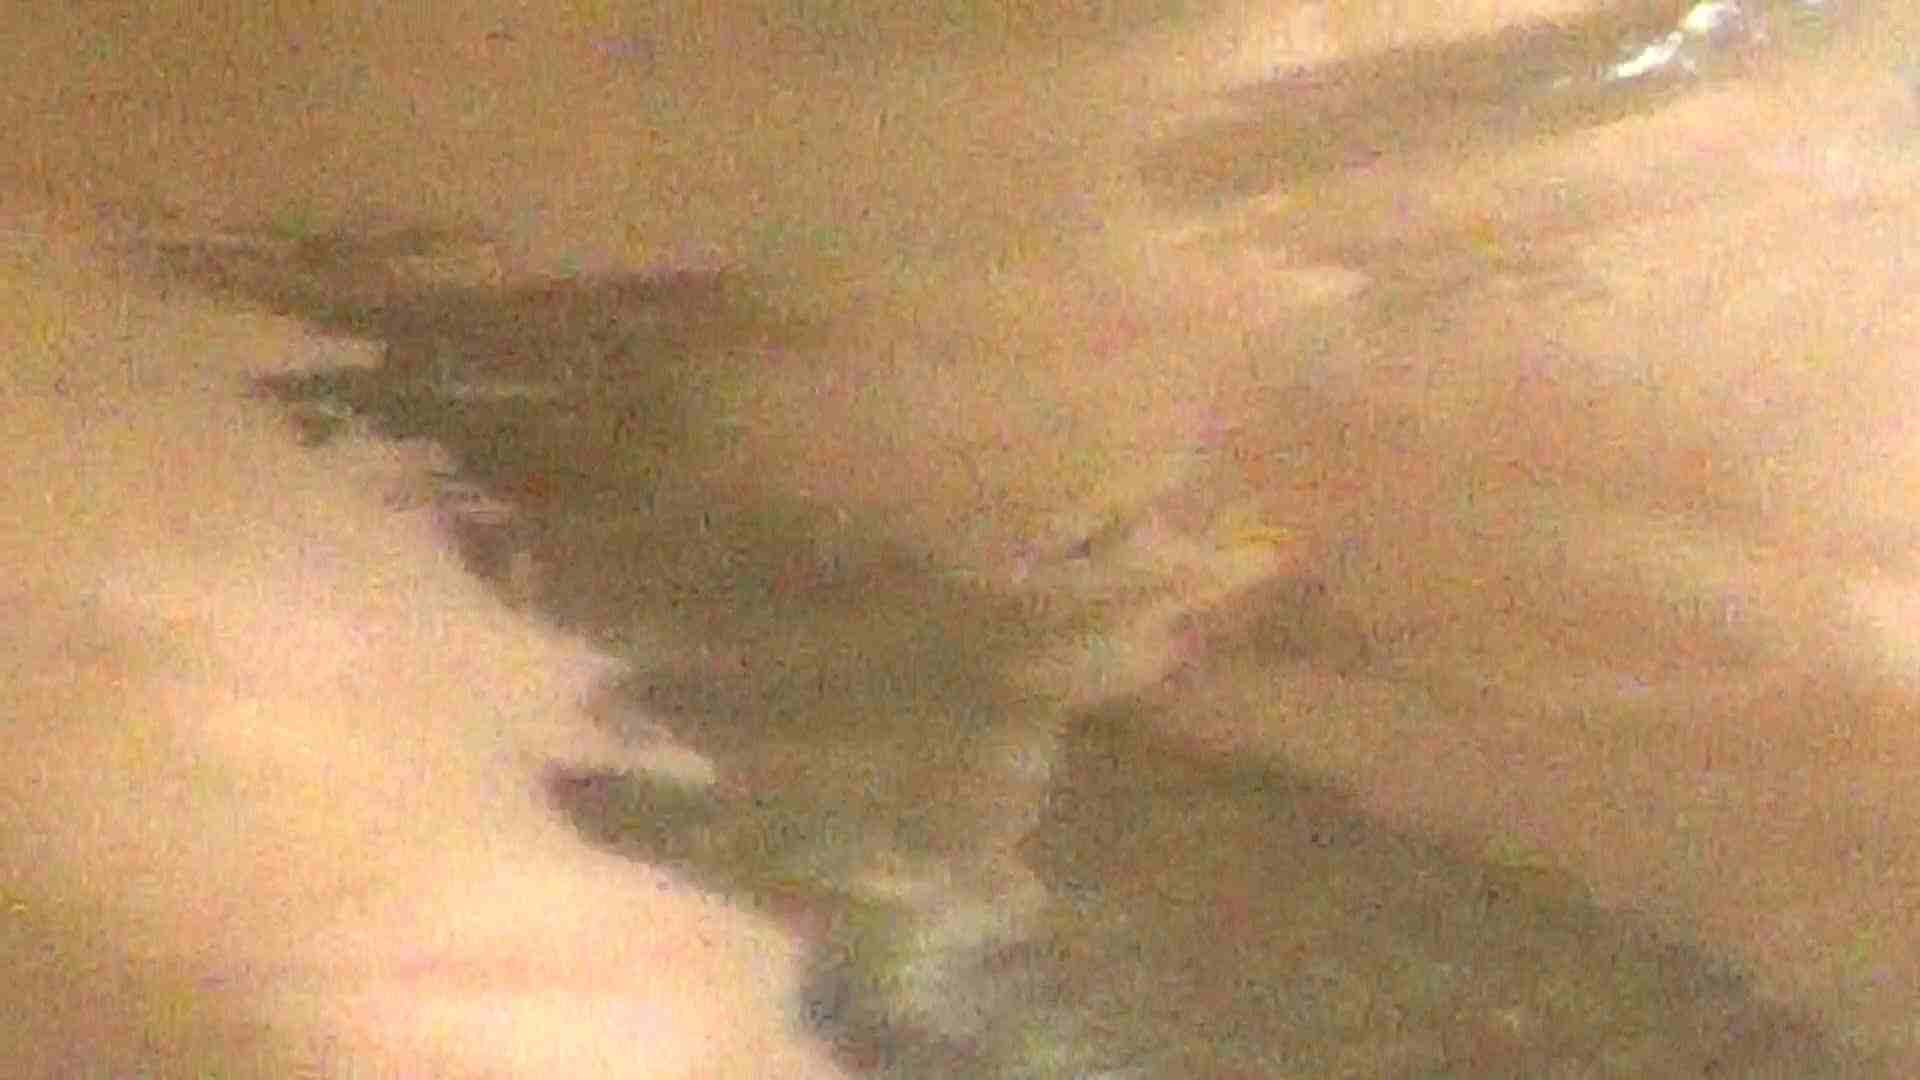 Aquaな露天風呂Vol.244 0   0  77pic 75